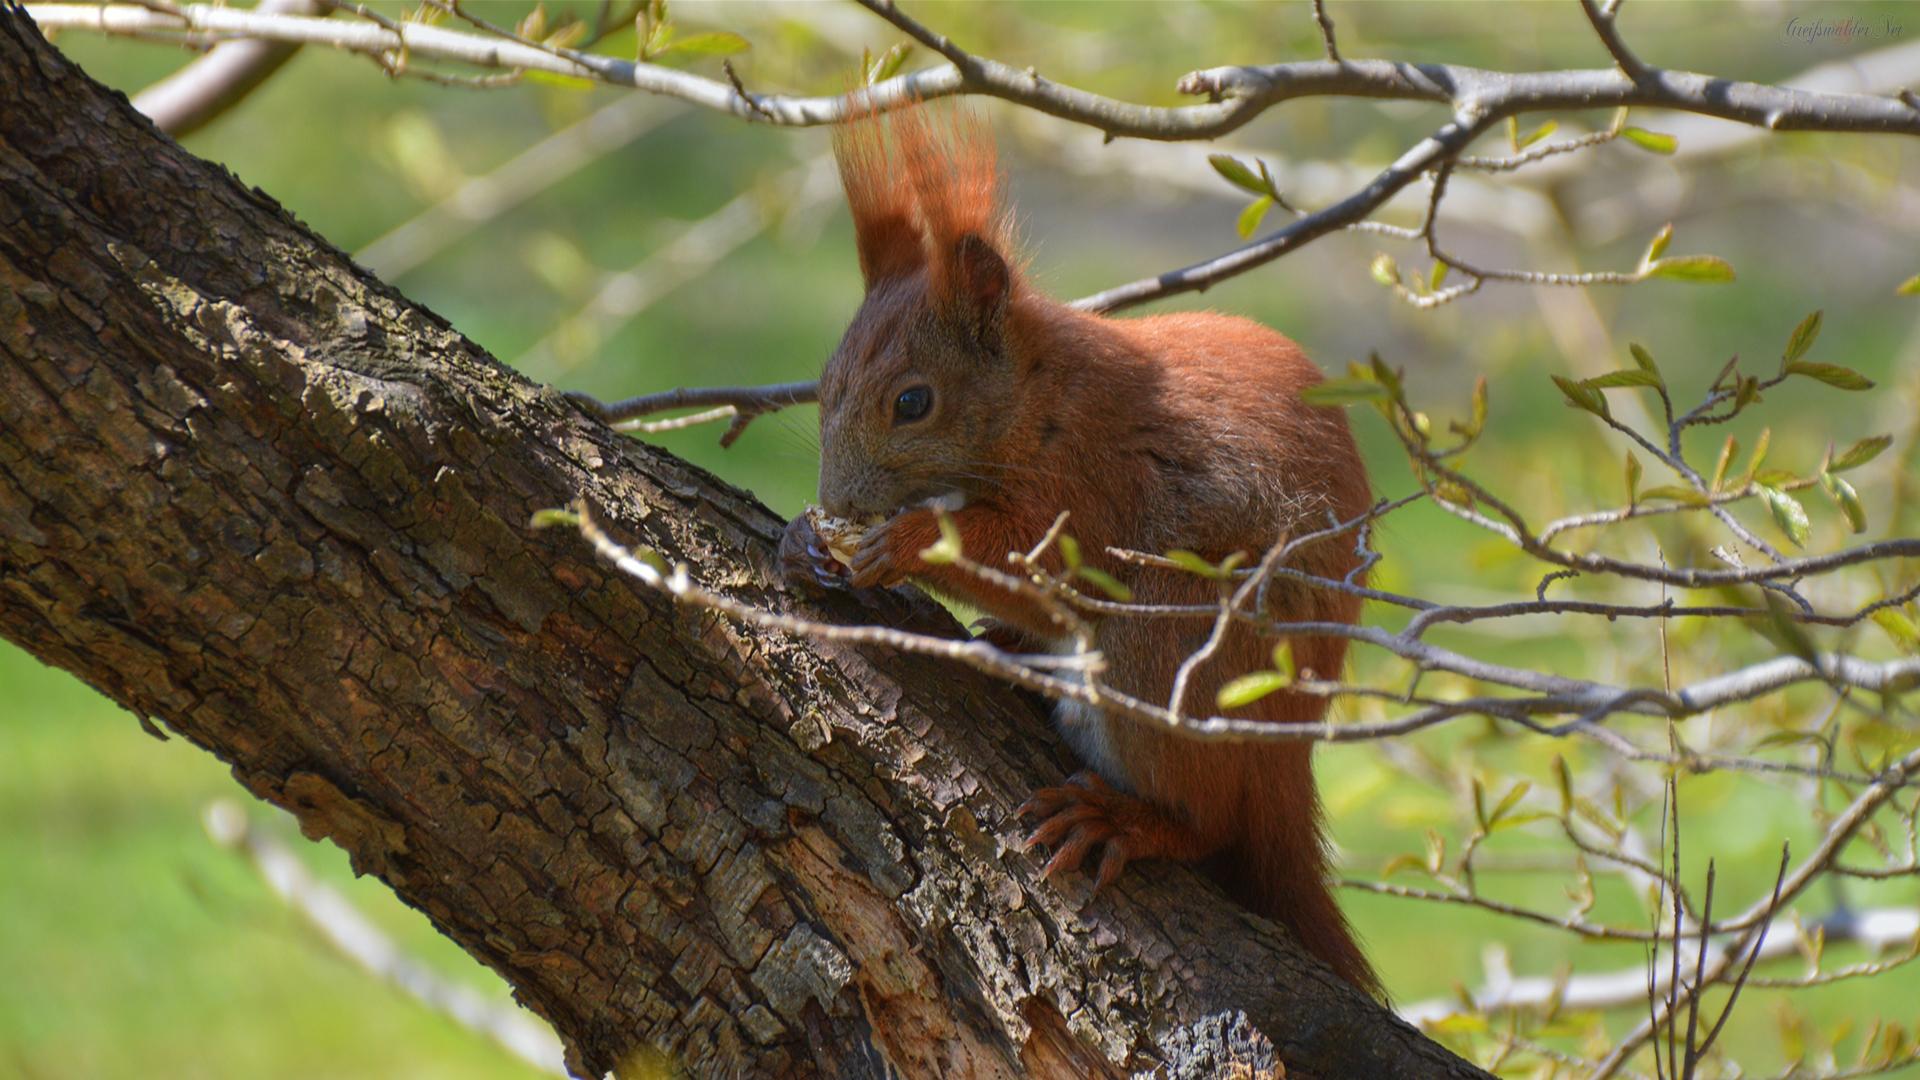 Eichhörnchen im Arboretum des Botanischen Gartens Greifswald